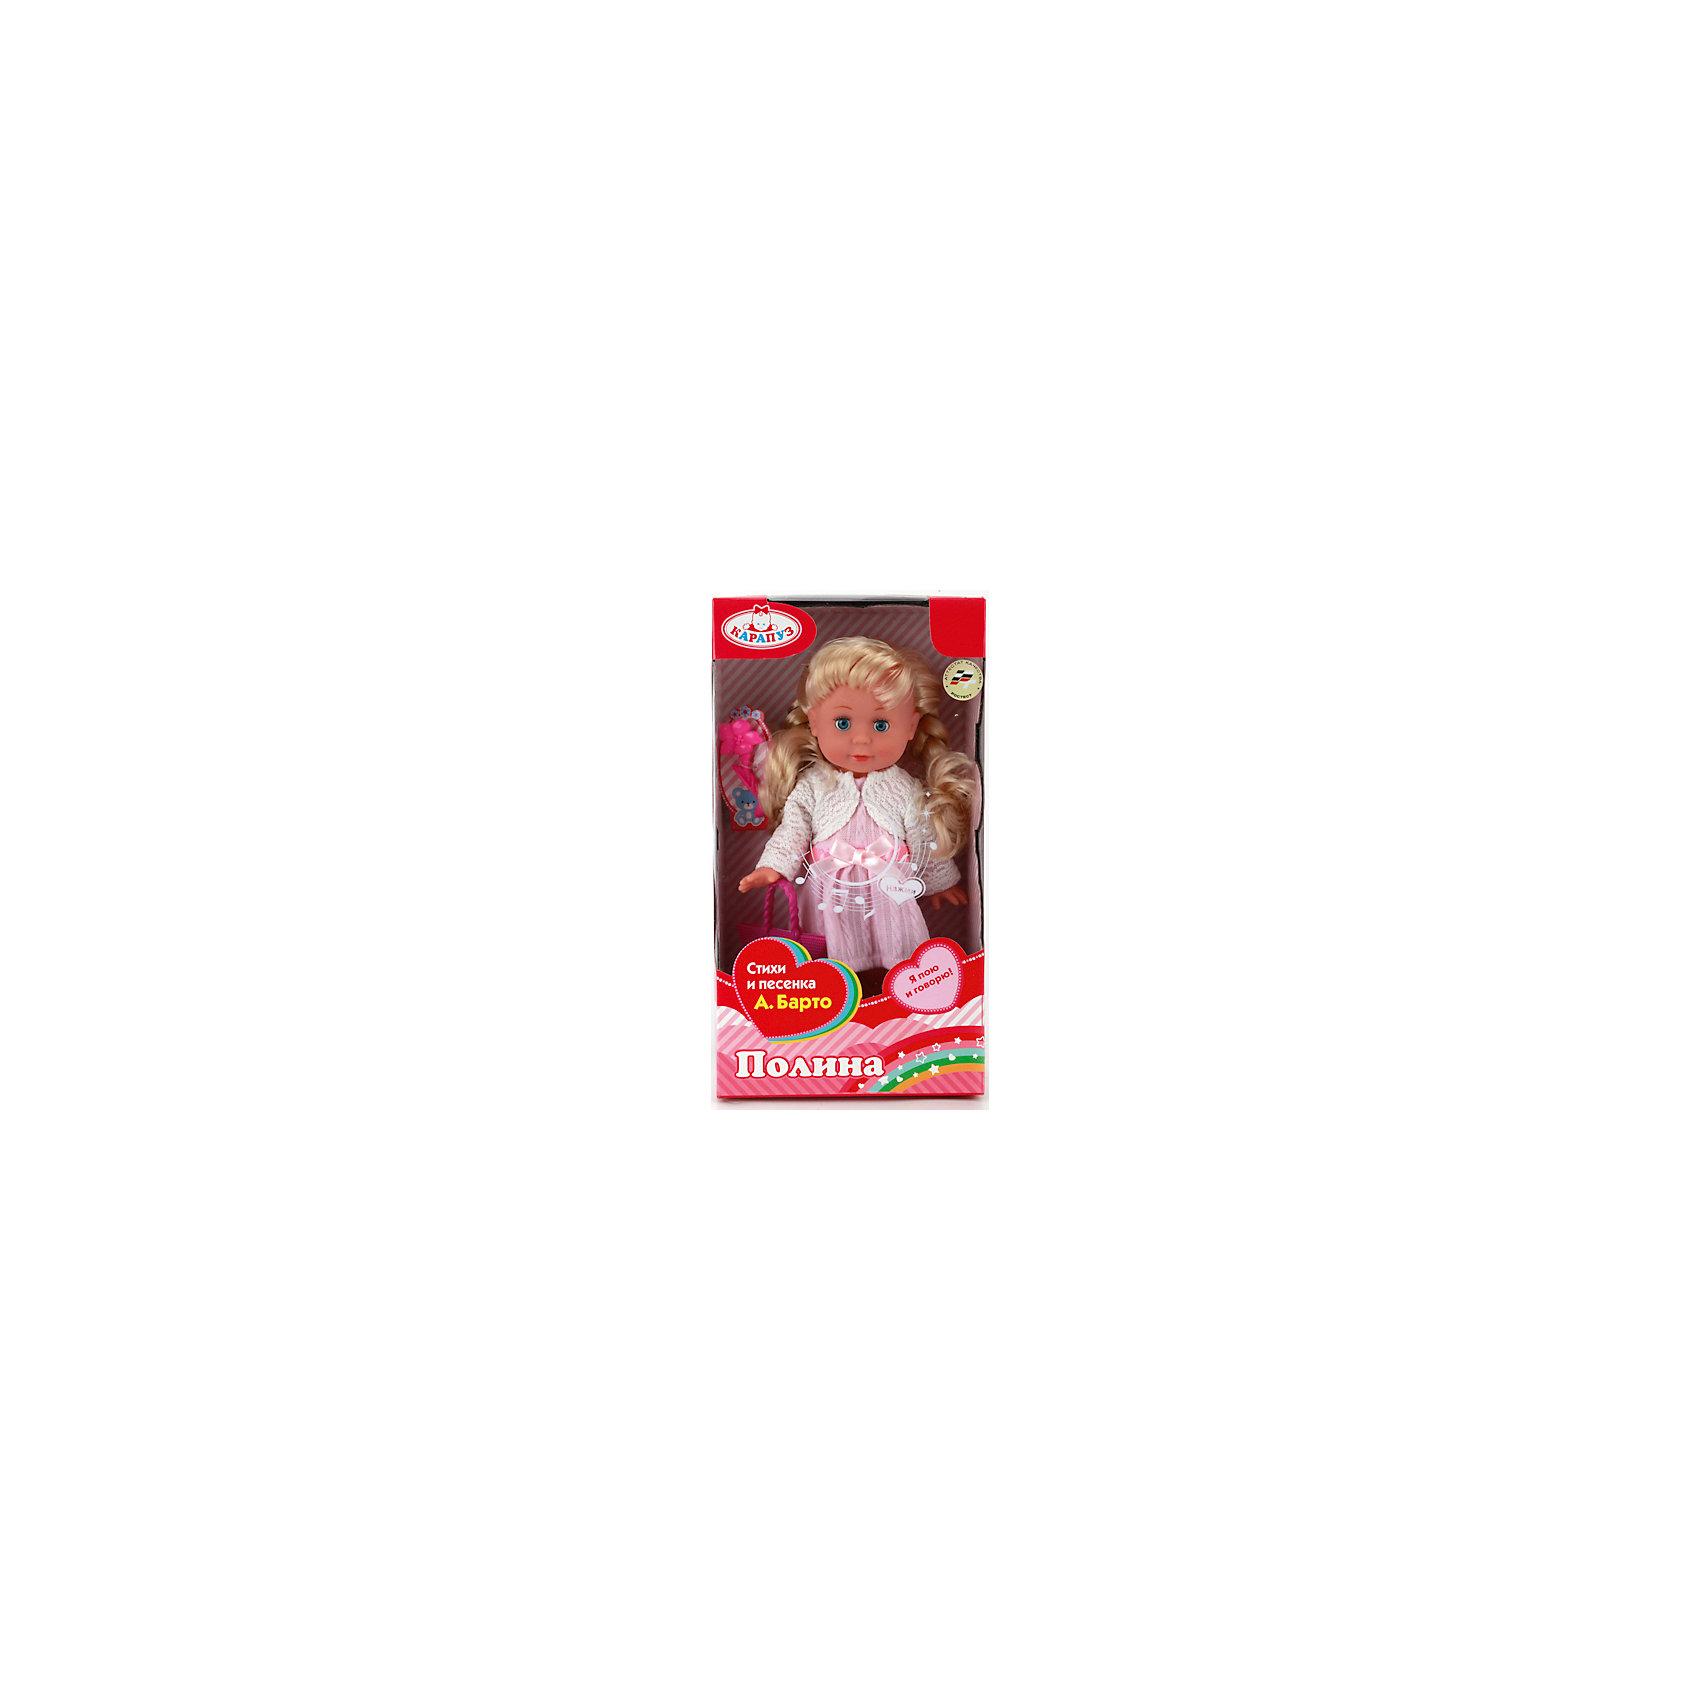 Кукла, 30 см, КарапузОчаровательная озвученная кукла от российского бренда Карапуз станет прекрасным подарком ребенку. Кукла одета в воздушное платье, волосы заплетены в косички. Она с удовольствием расскажет девочке самые любимые стихи и песни Агнии Барто. Эта кукла обязательно подарит ребенку незабываемые впечатления!<br><br>Дополнительная информация:<br>Материал: пластик, текстиль<br>В комплекте: кукла, аксессуары<br>Высота куклы: 30 см<br>Размер упаковки: 32х17х9 см<br><br>Озвученную куклу Карапуз можно купить в нашем интернет-магазине.<br><br>Ширина мм: 90<br>Глубина мм: 170<br>Высота мм: 320<br>Вес г: 470<br>Возраст от месяцев: 36<br>Возраст до месяцев: 2147483647<br>Пол: Женский<br>Возраст: Детский<br>SKU: 5002281